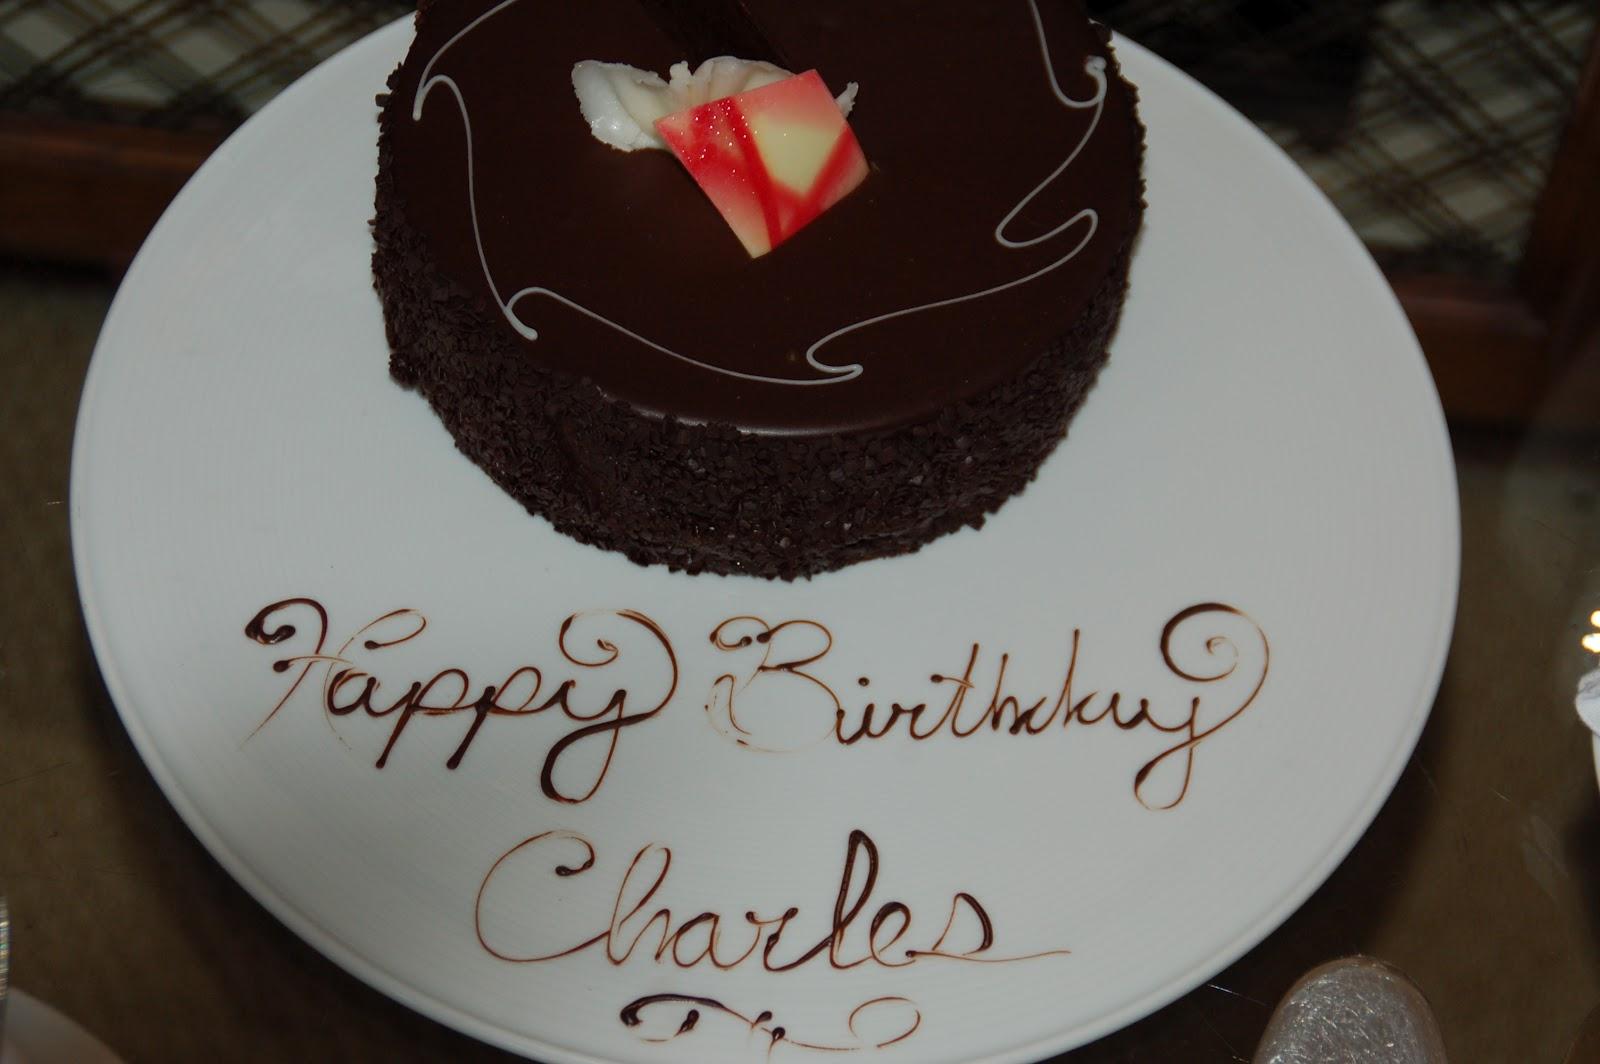 Charles Birthday Cake